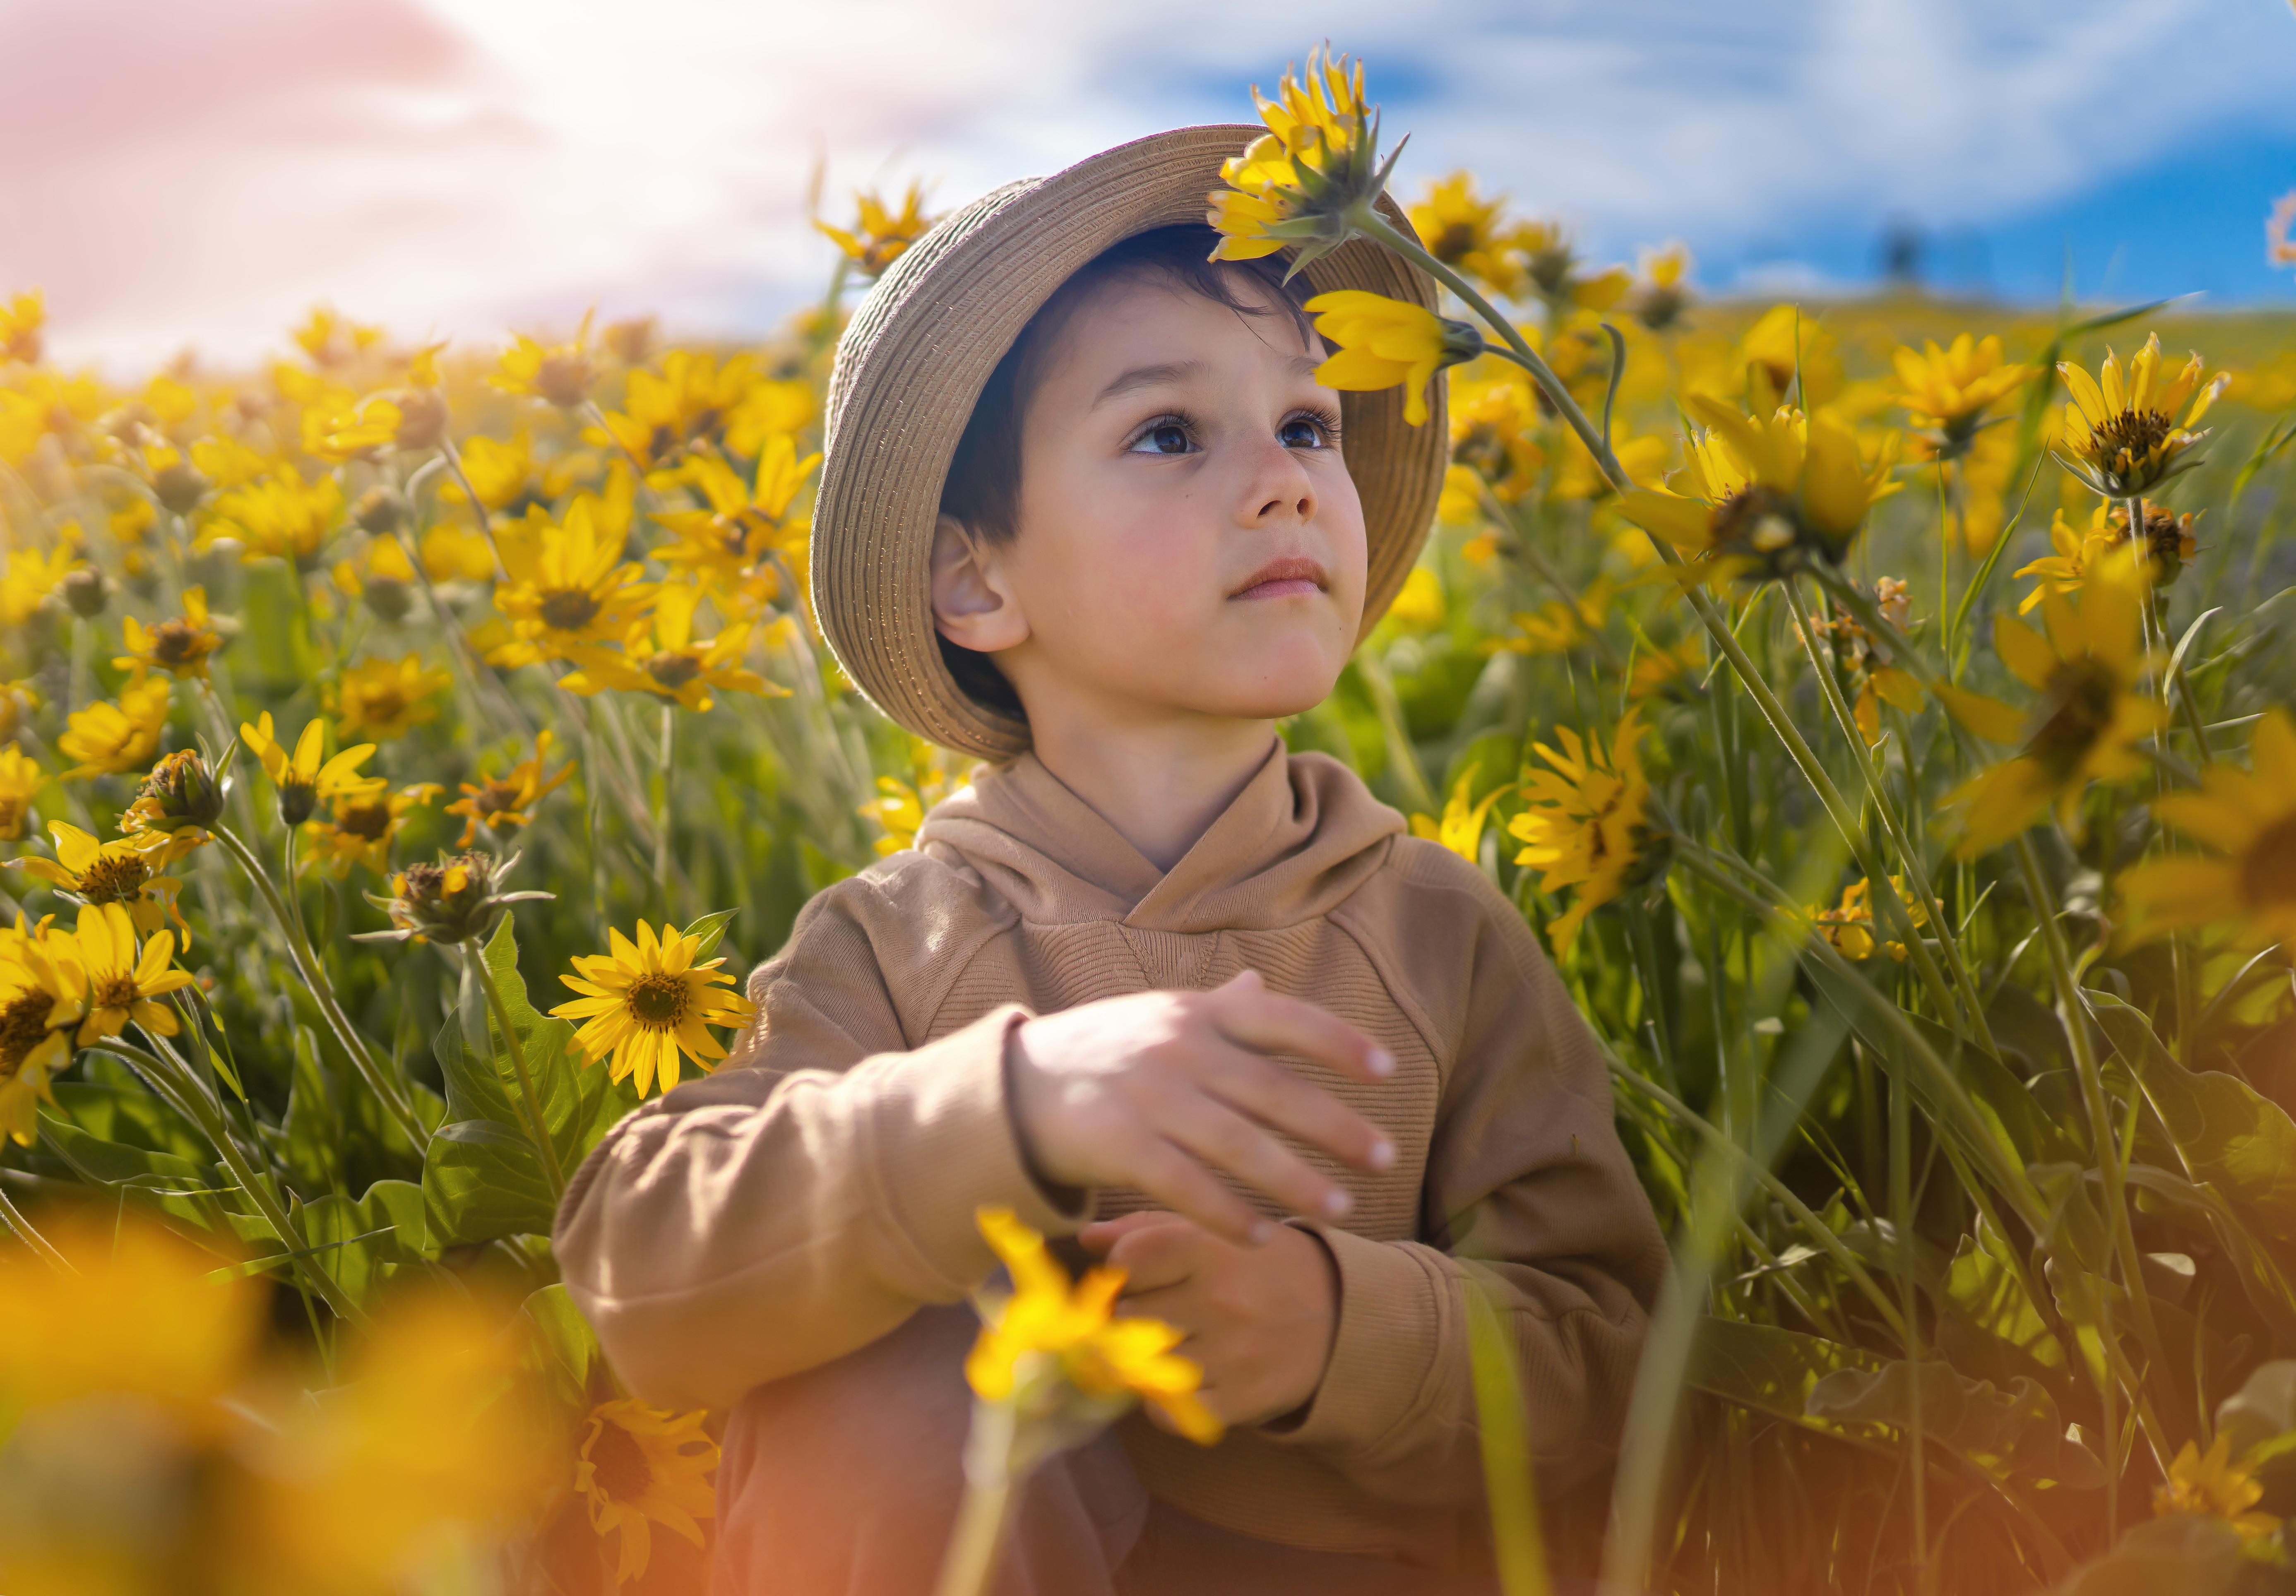 Мальчик в цветах